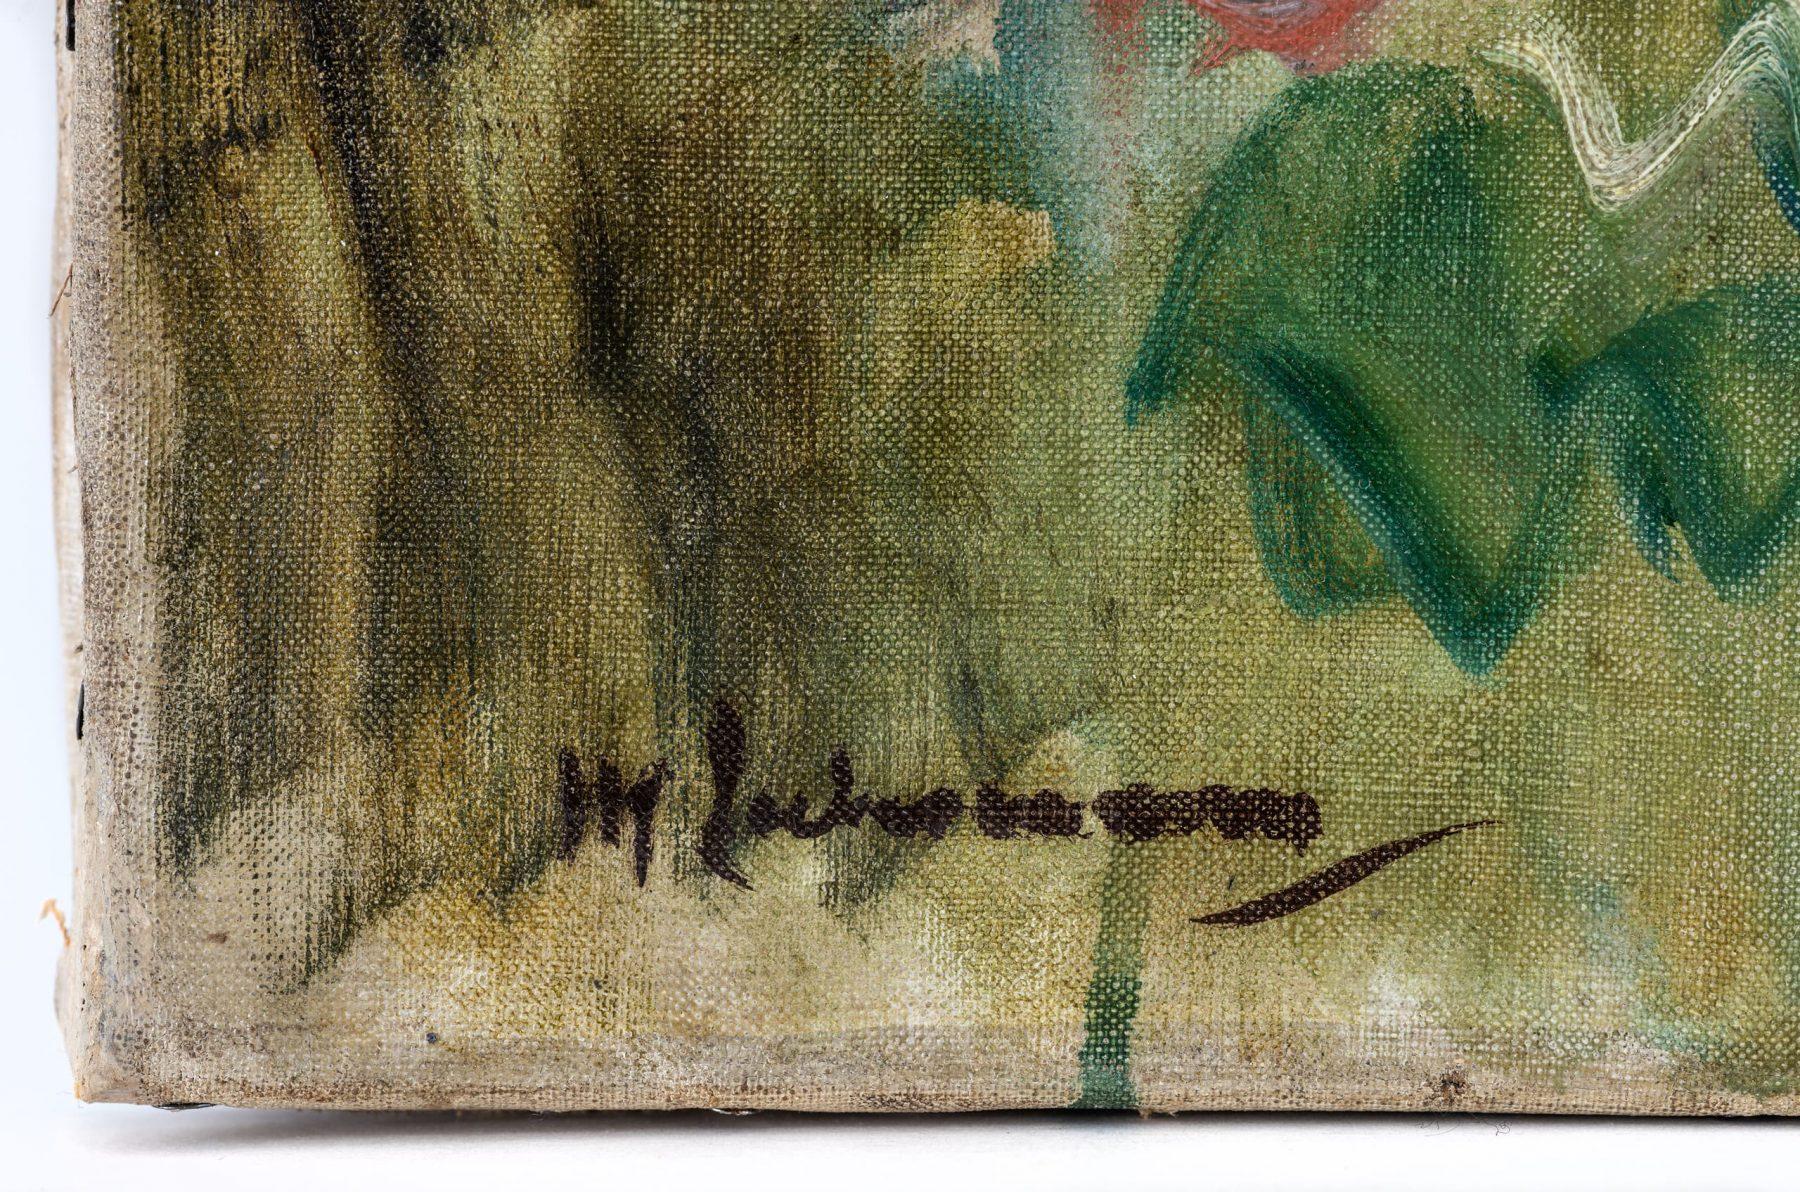 Detailansicht der Signatur von Max Liebermann auf einem Gemälde.